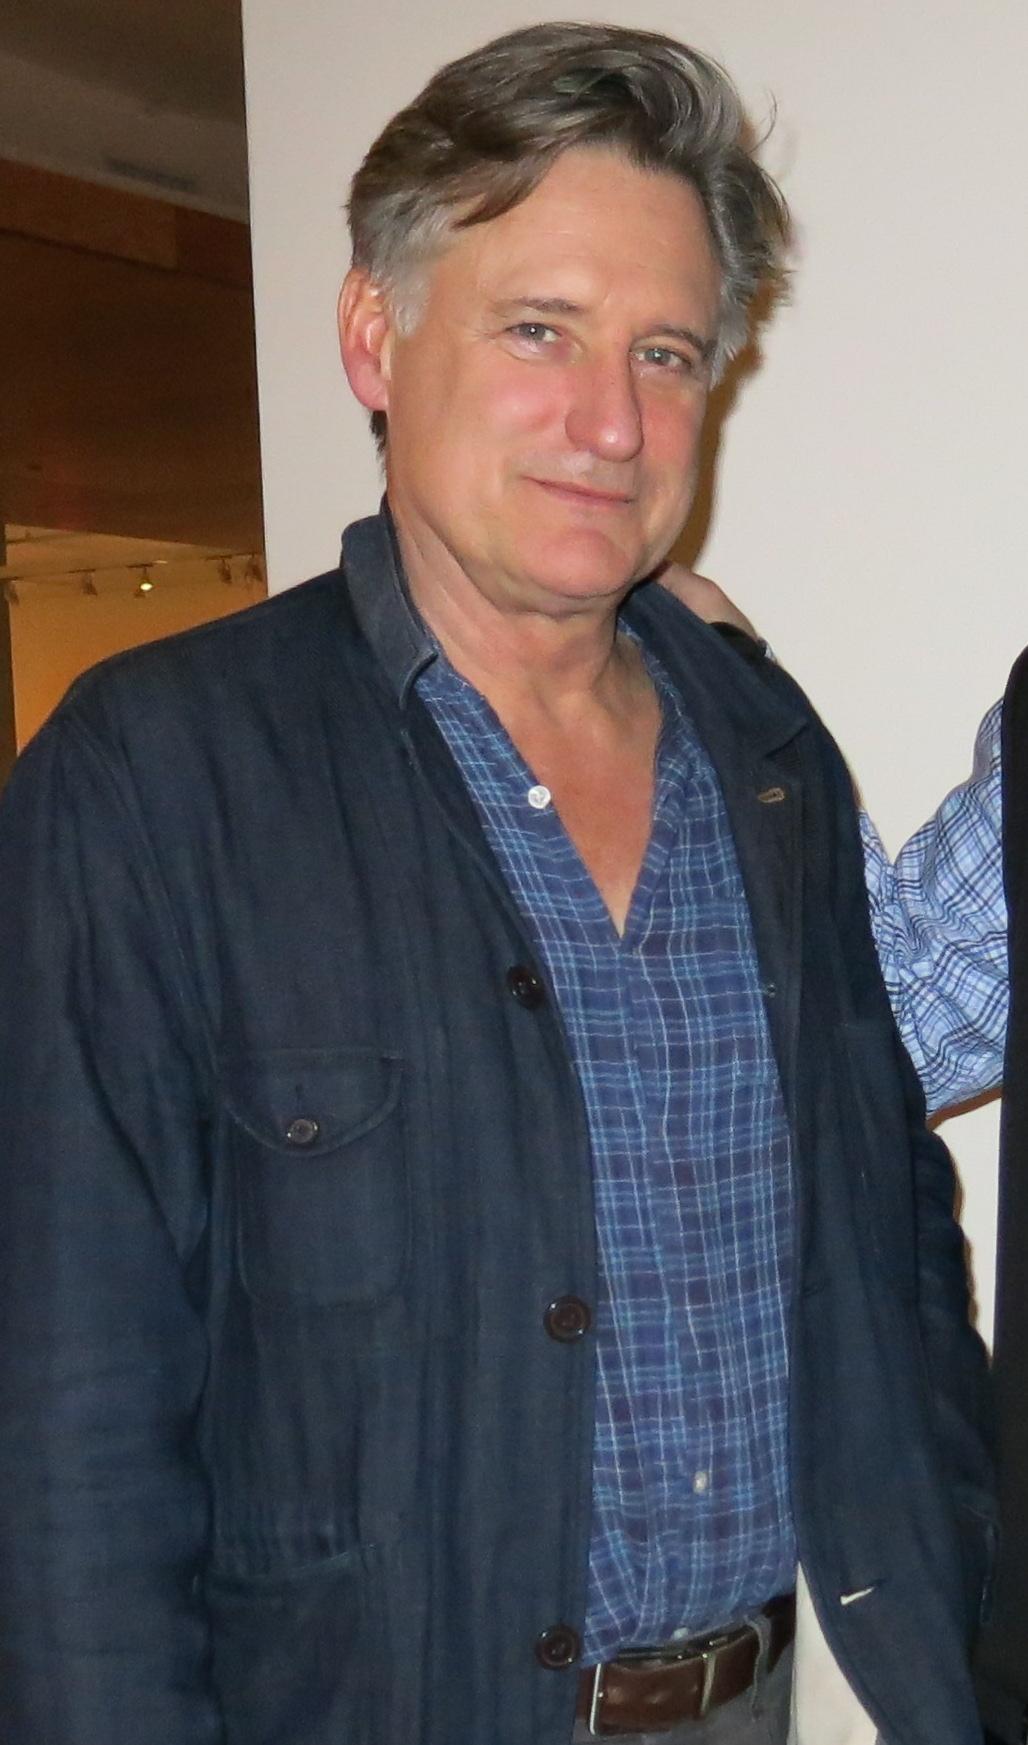 Bill Pullman - Wikiped...